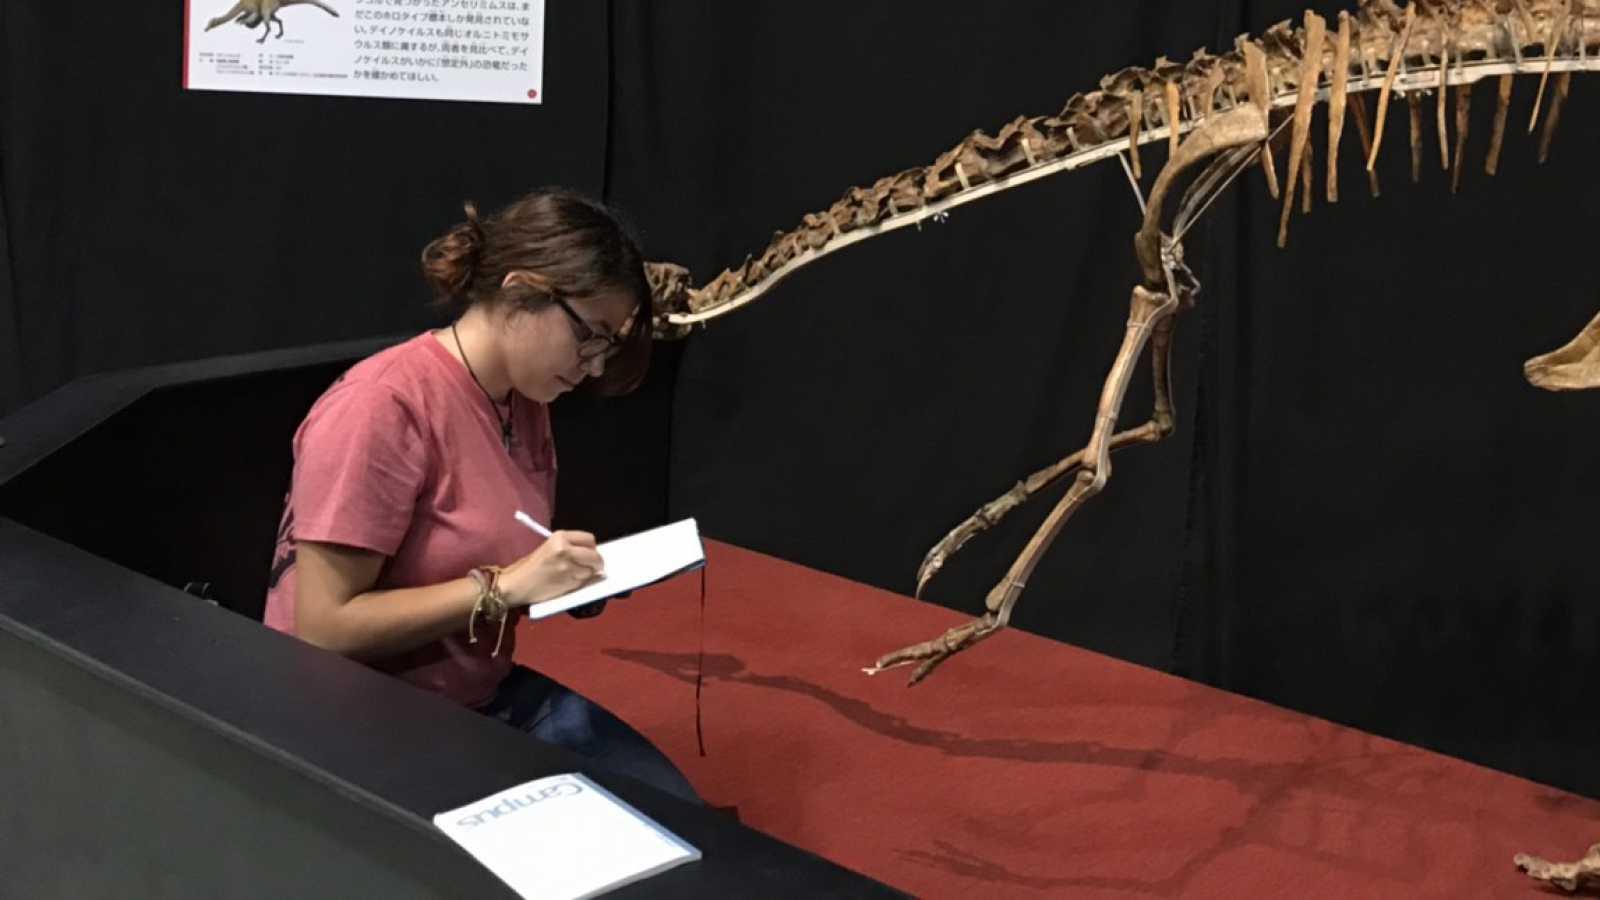 Punto de enlace - Elena Cuesta Fidalgo y su pasión por los dinosaurios - 13/10/20 - escuchar ahora